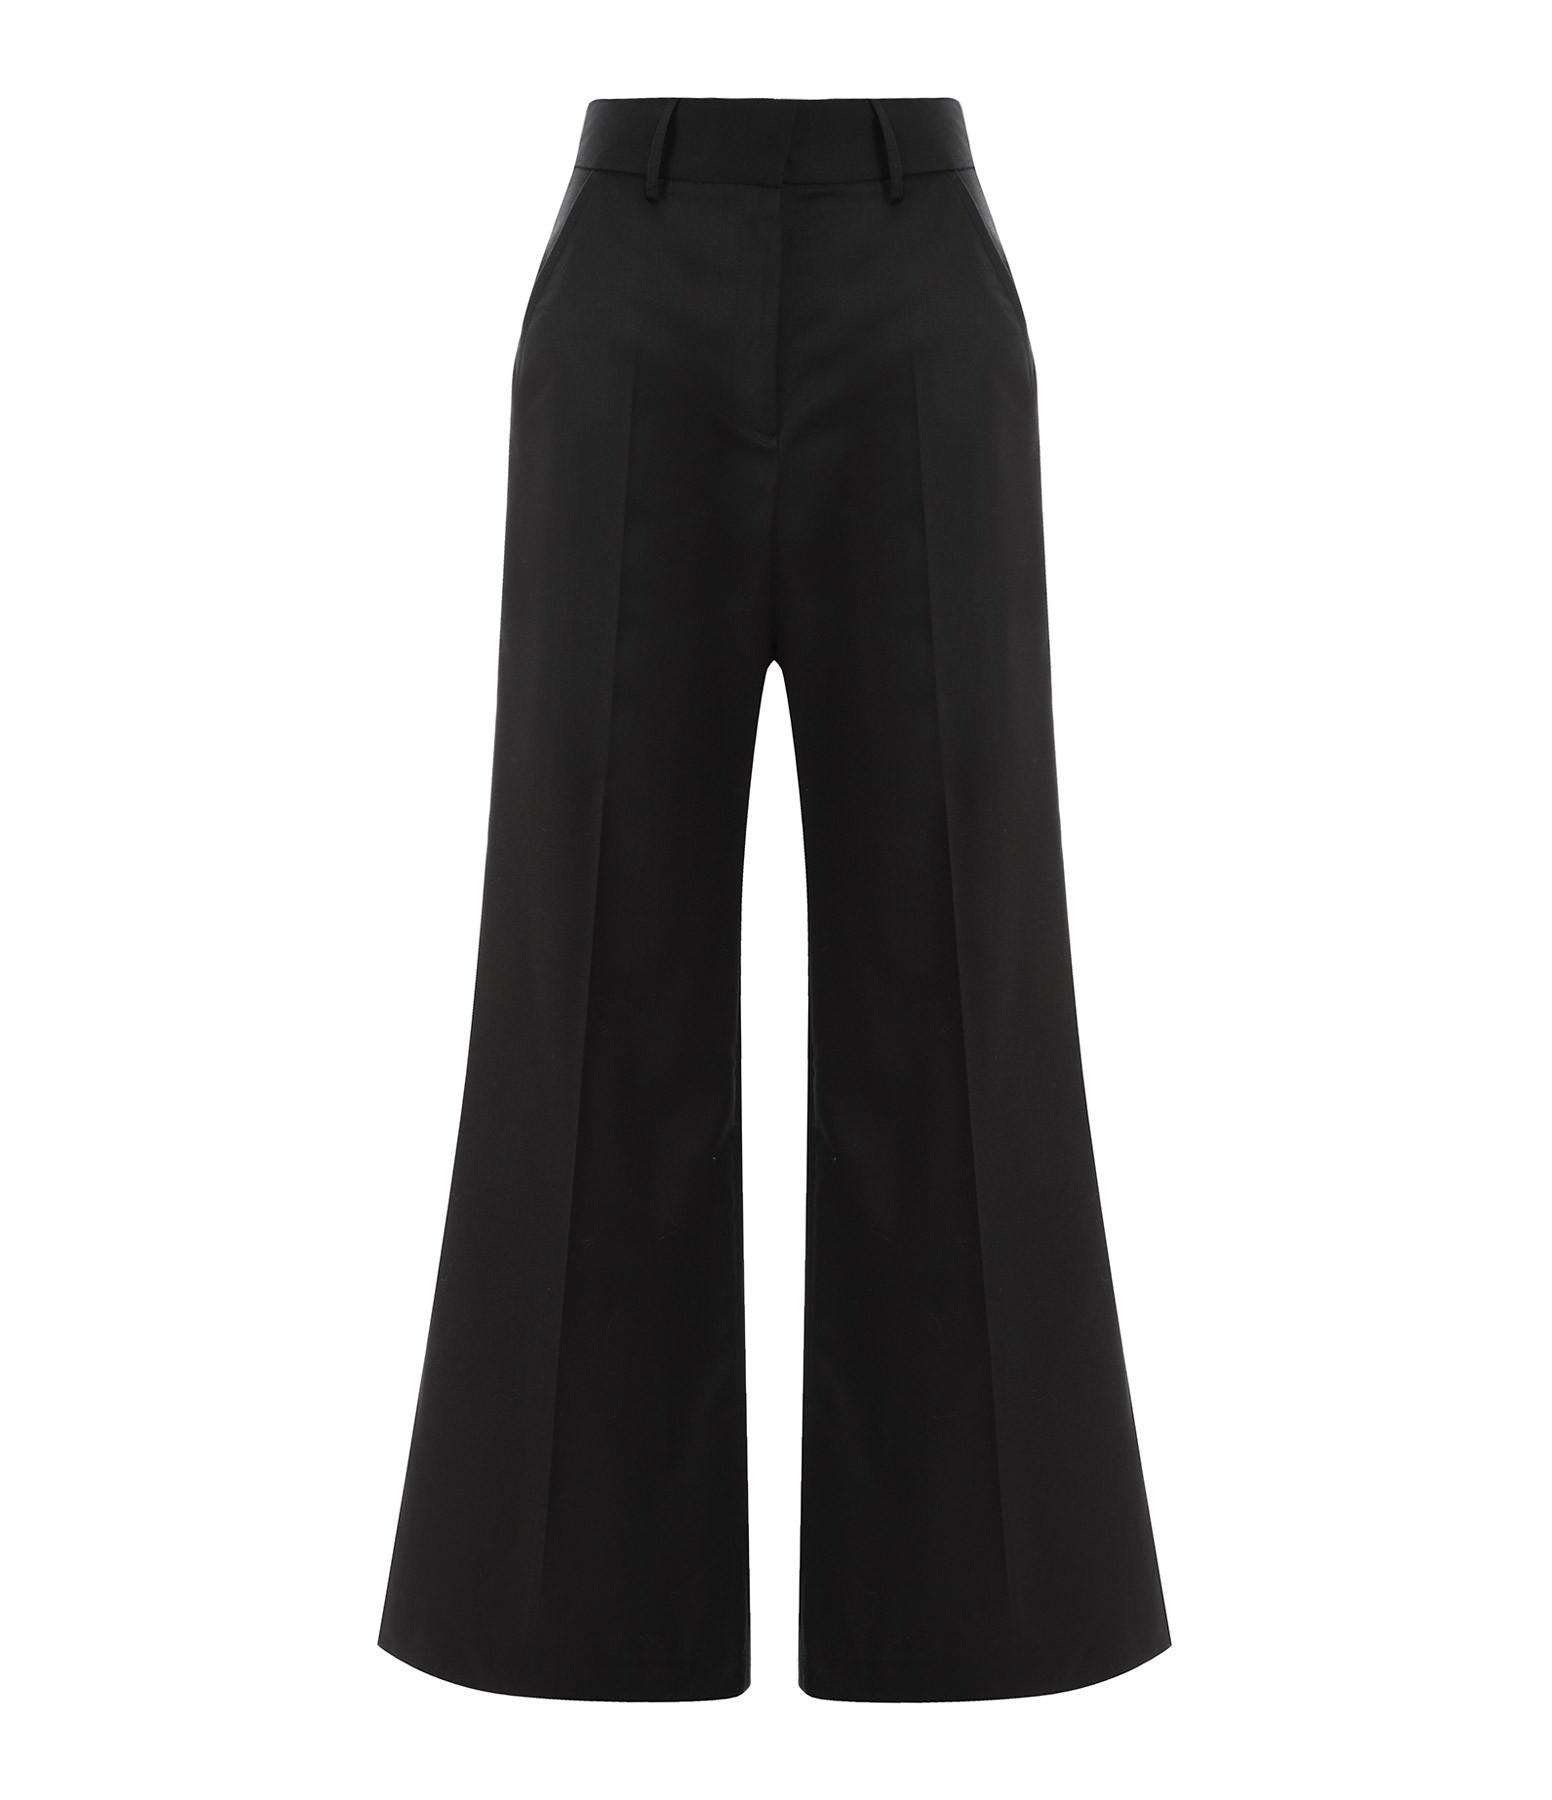 MARGAUX LONNBERG - Pantalon Ava Noir